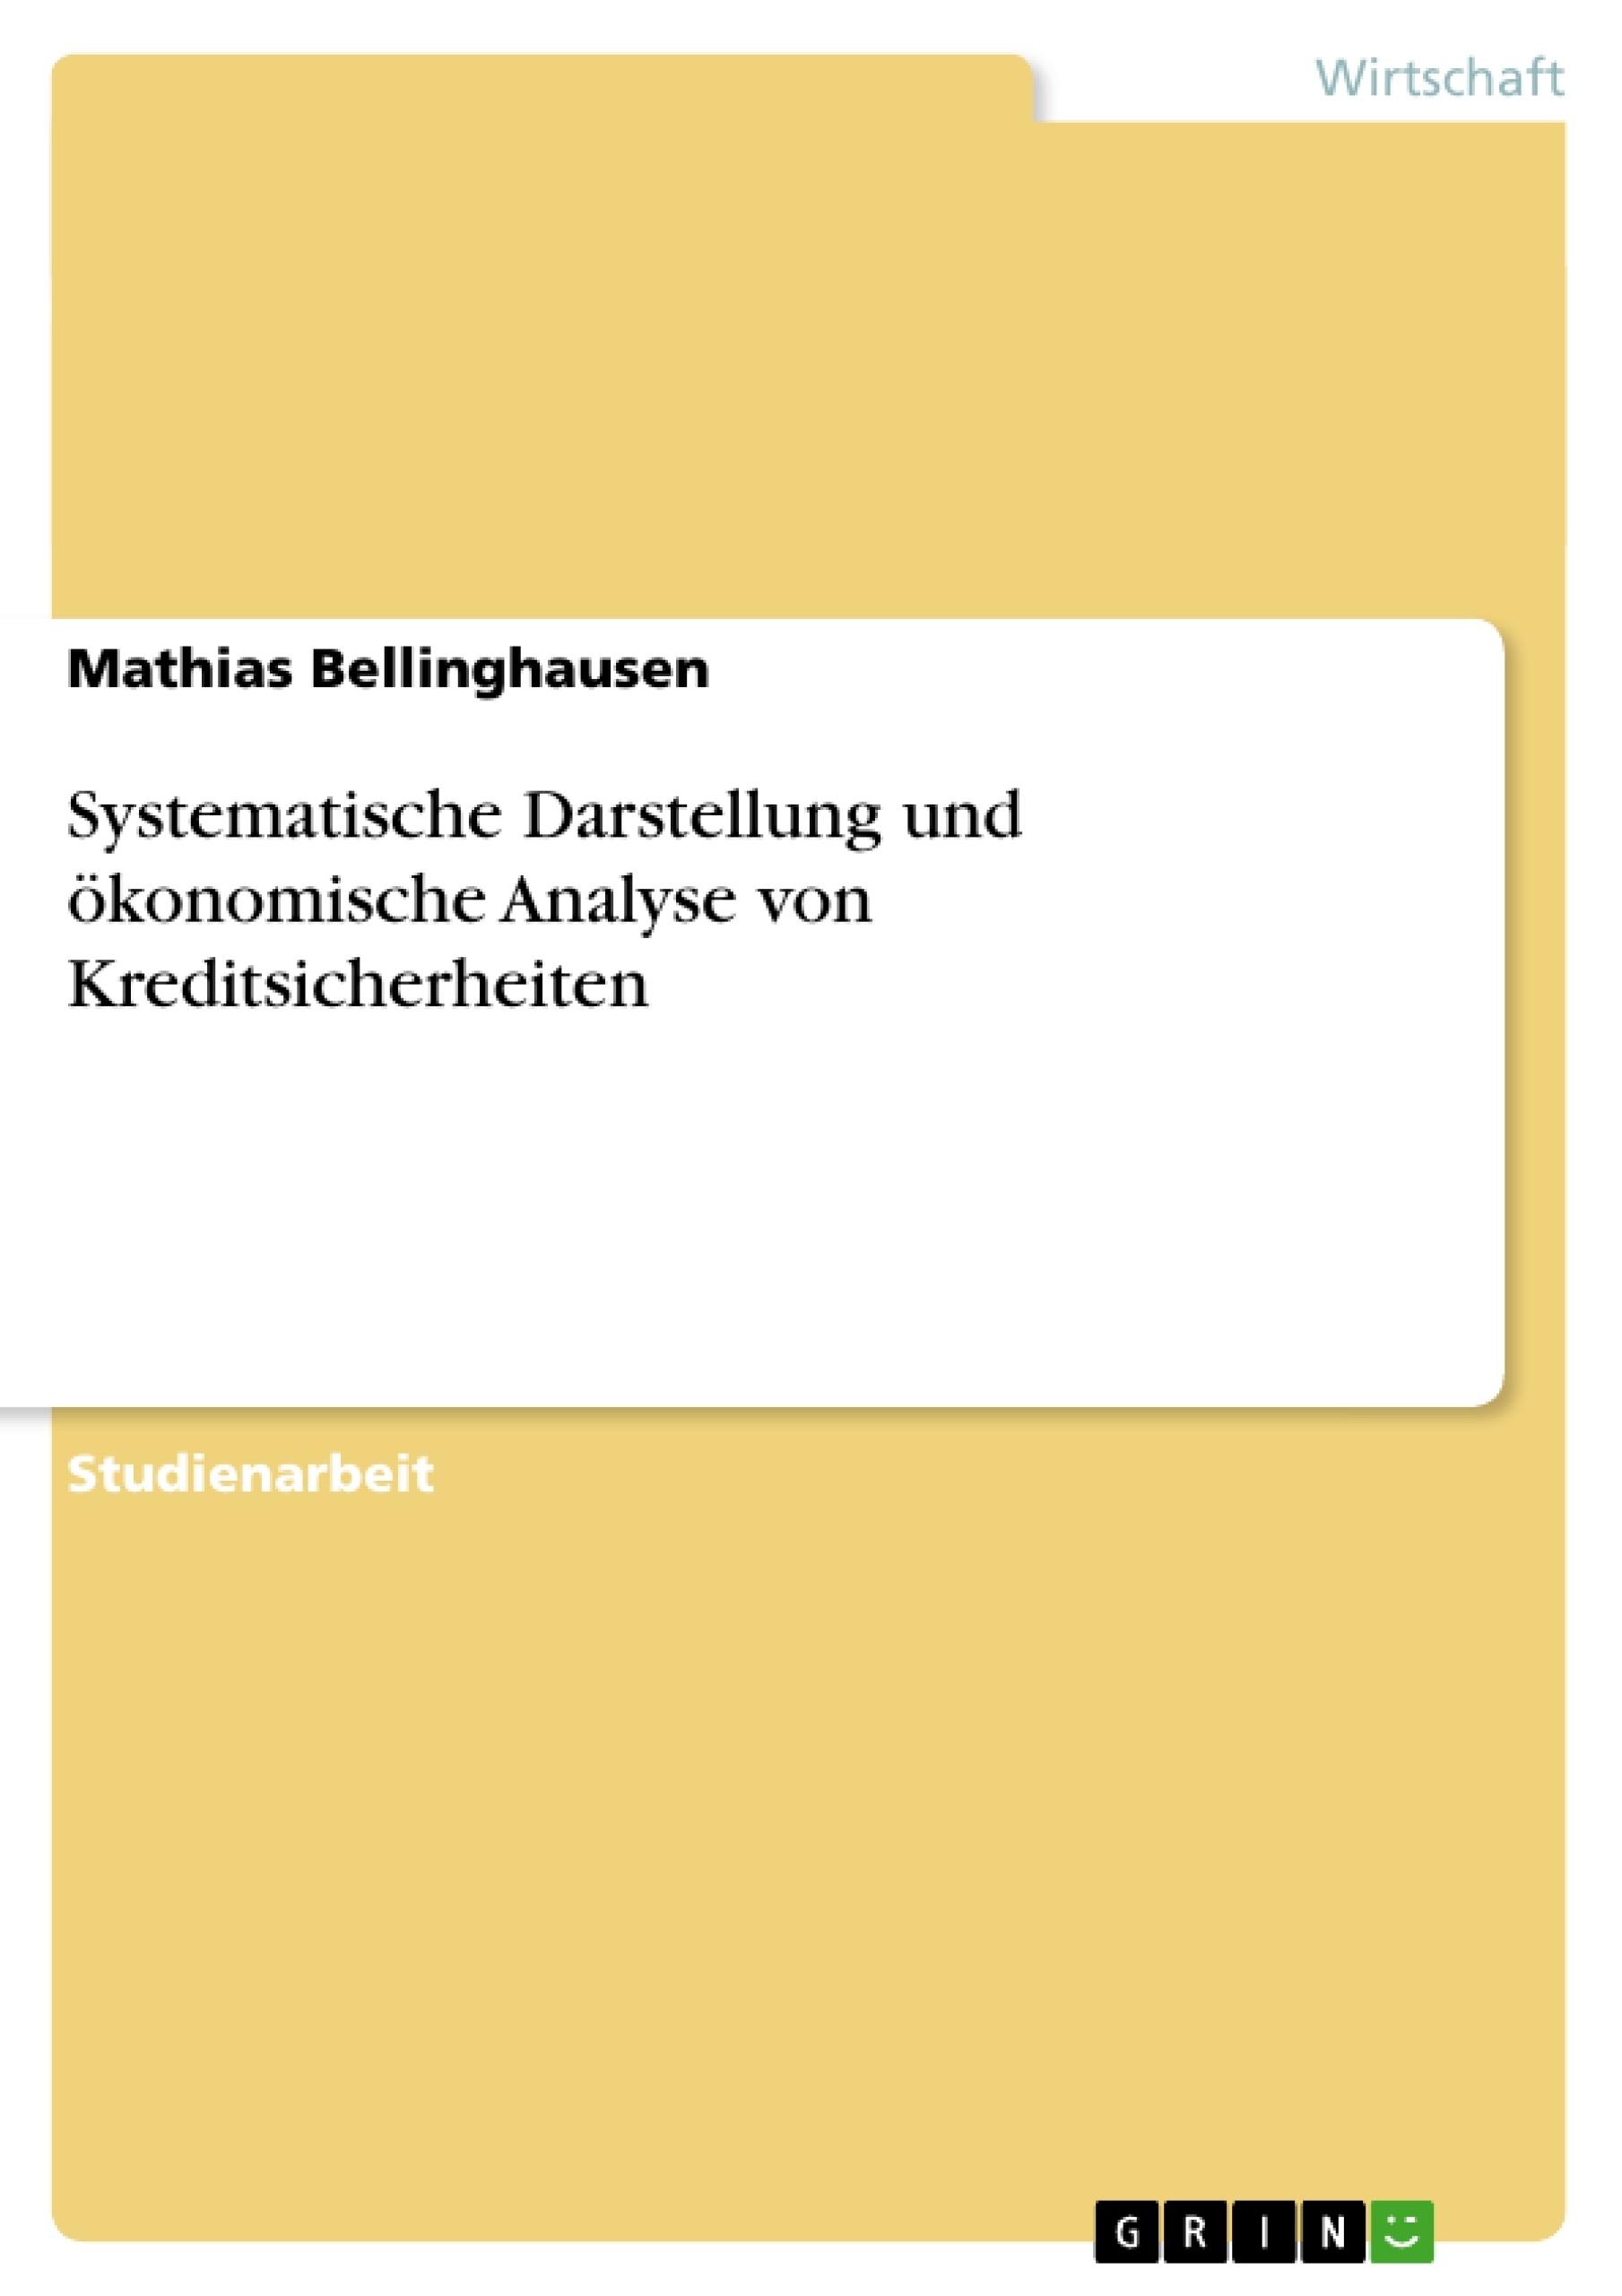 Titel: Systematische Darstellung und ökonomische Analyse von Kreditsicherheiten